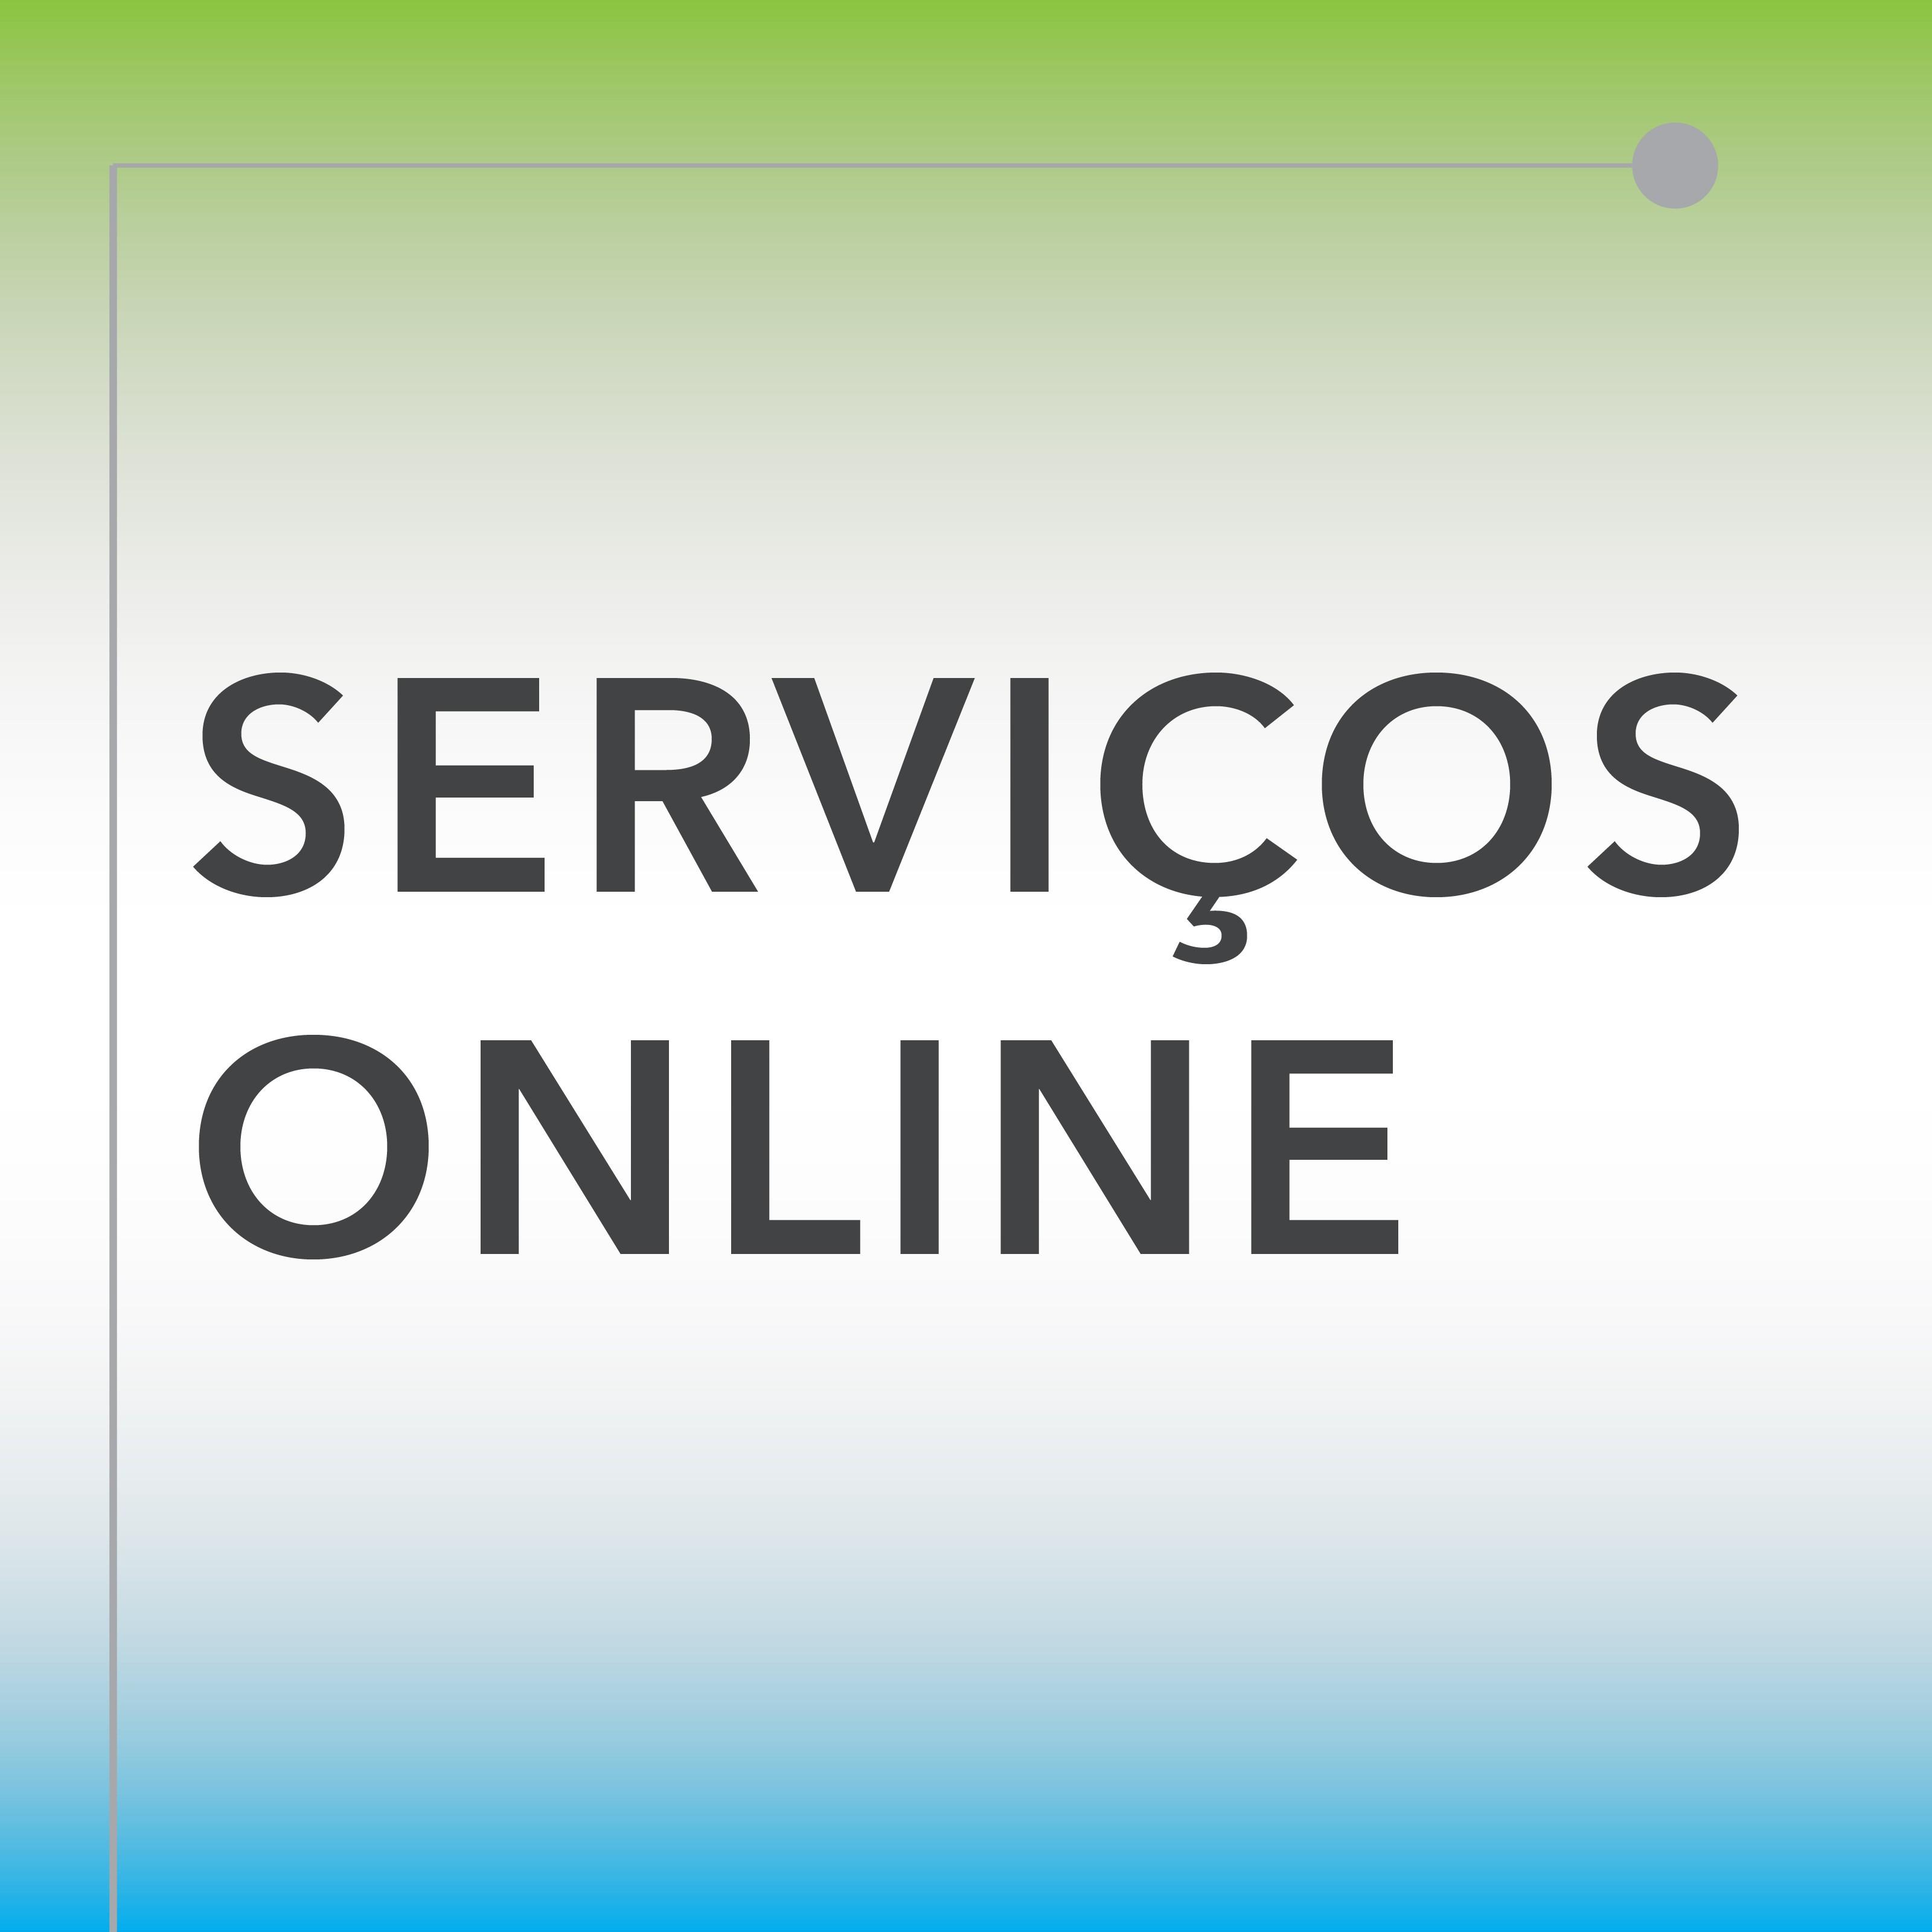 servicos online 01